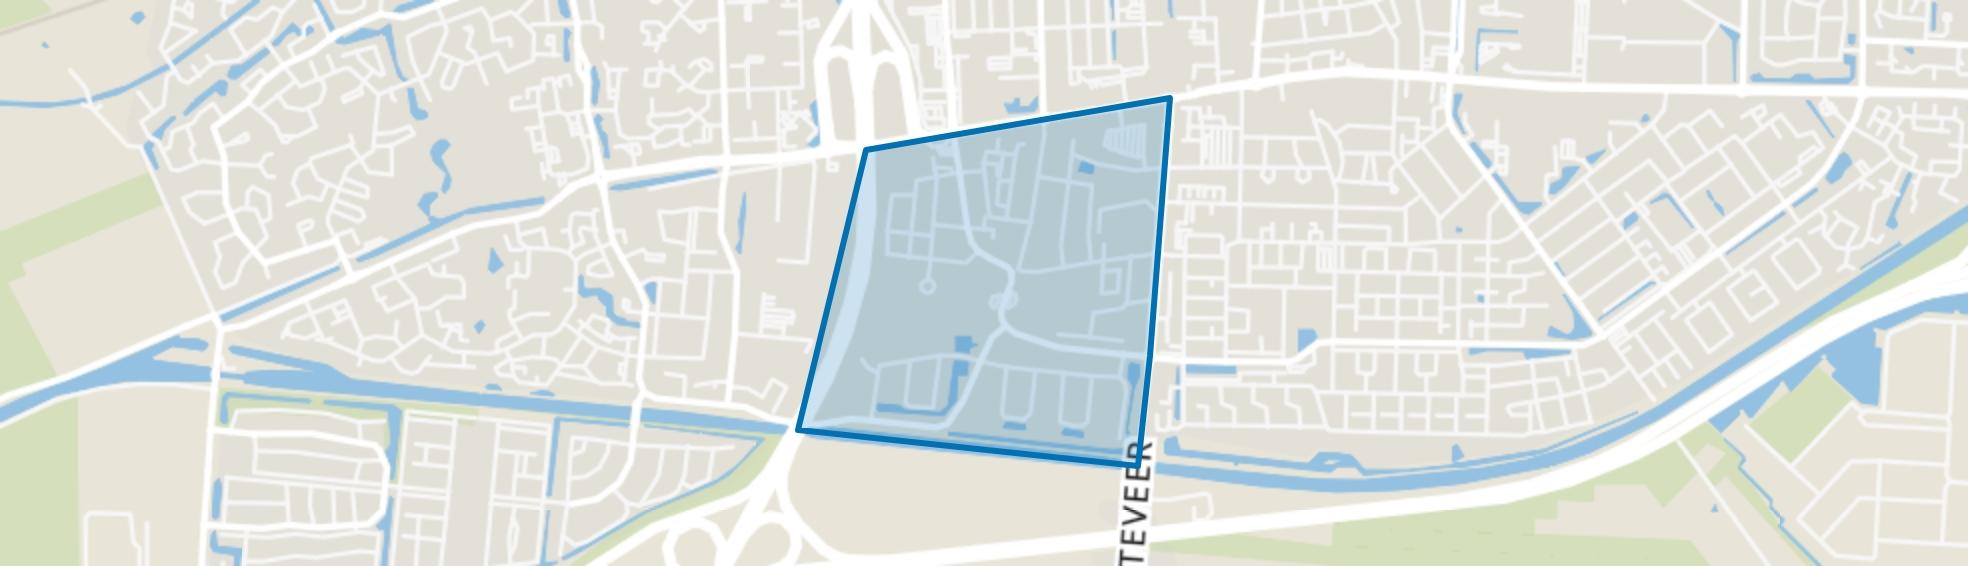 Venesluis, Hoogeveen map